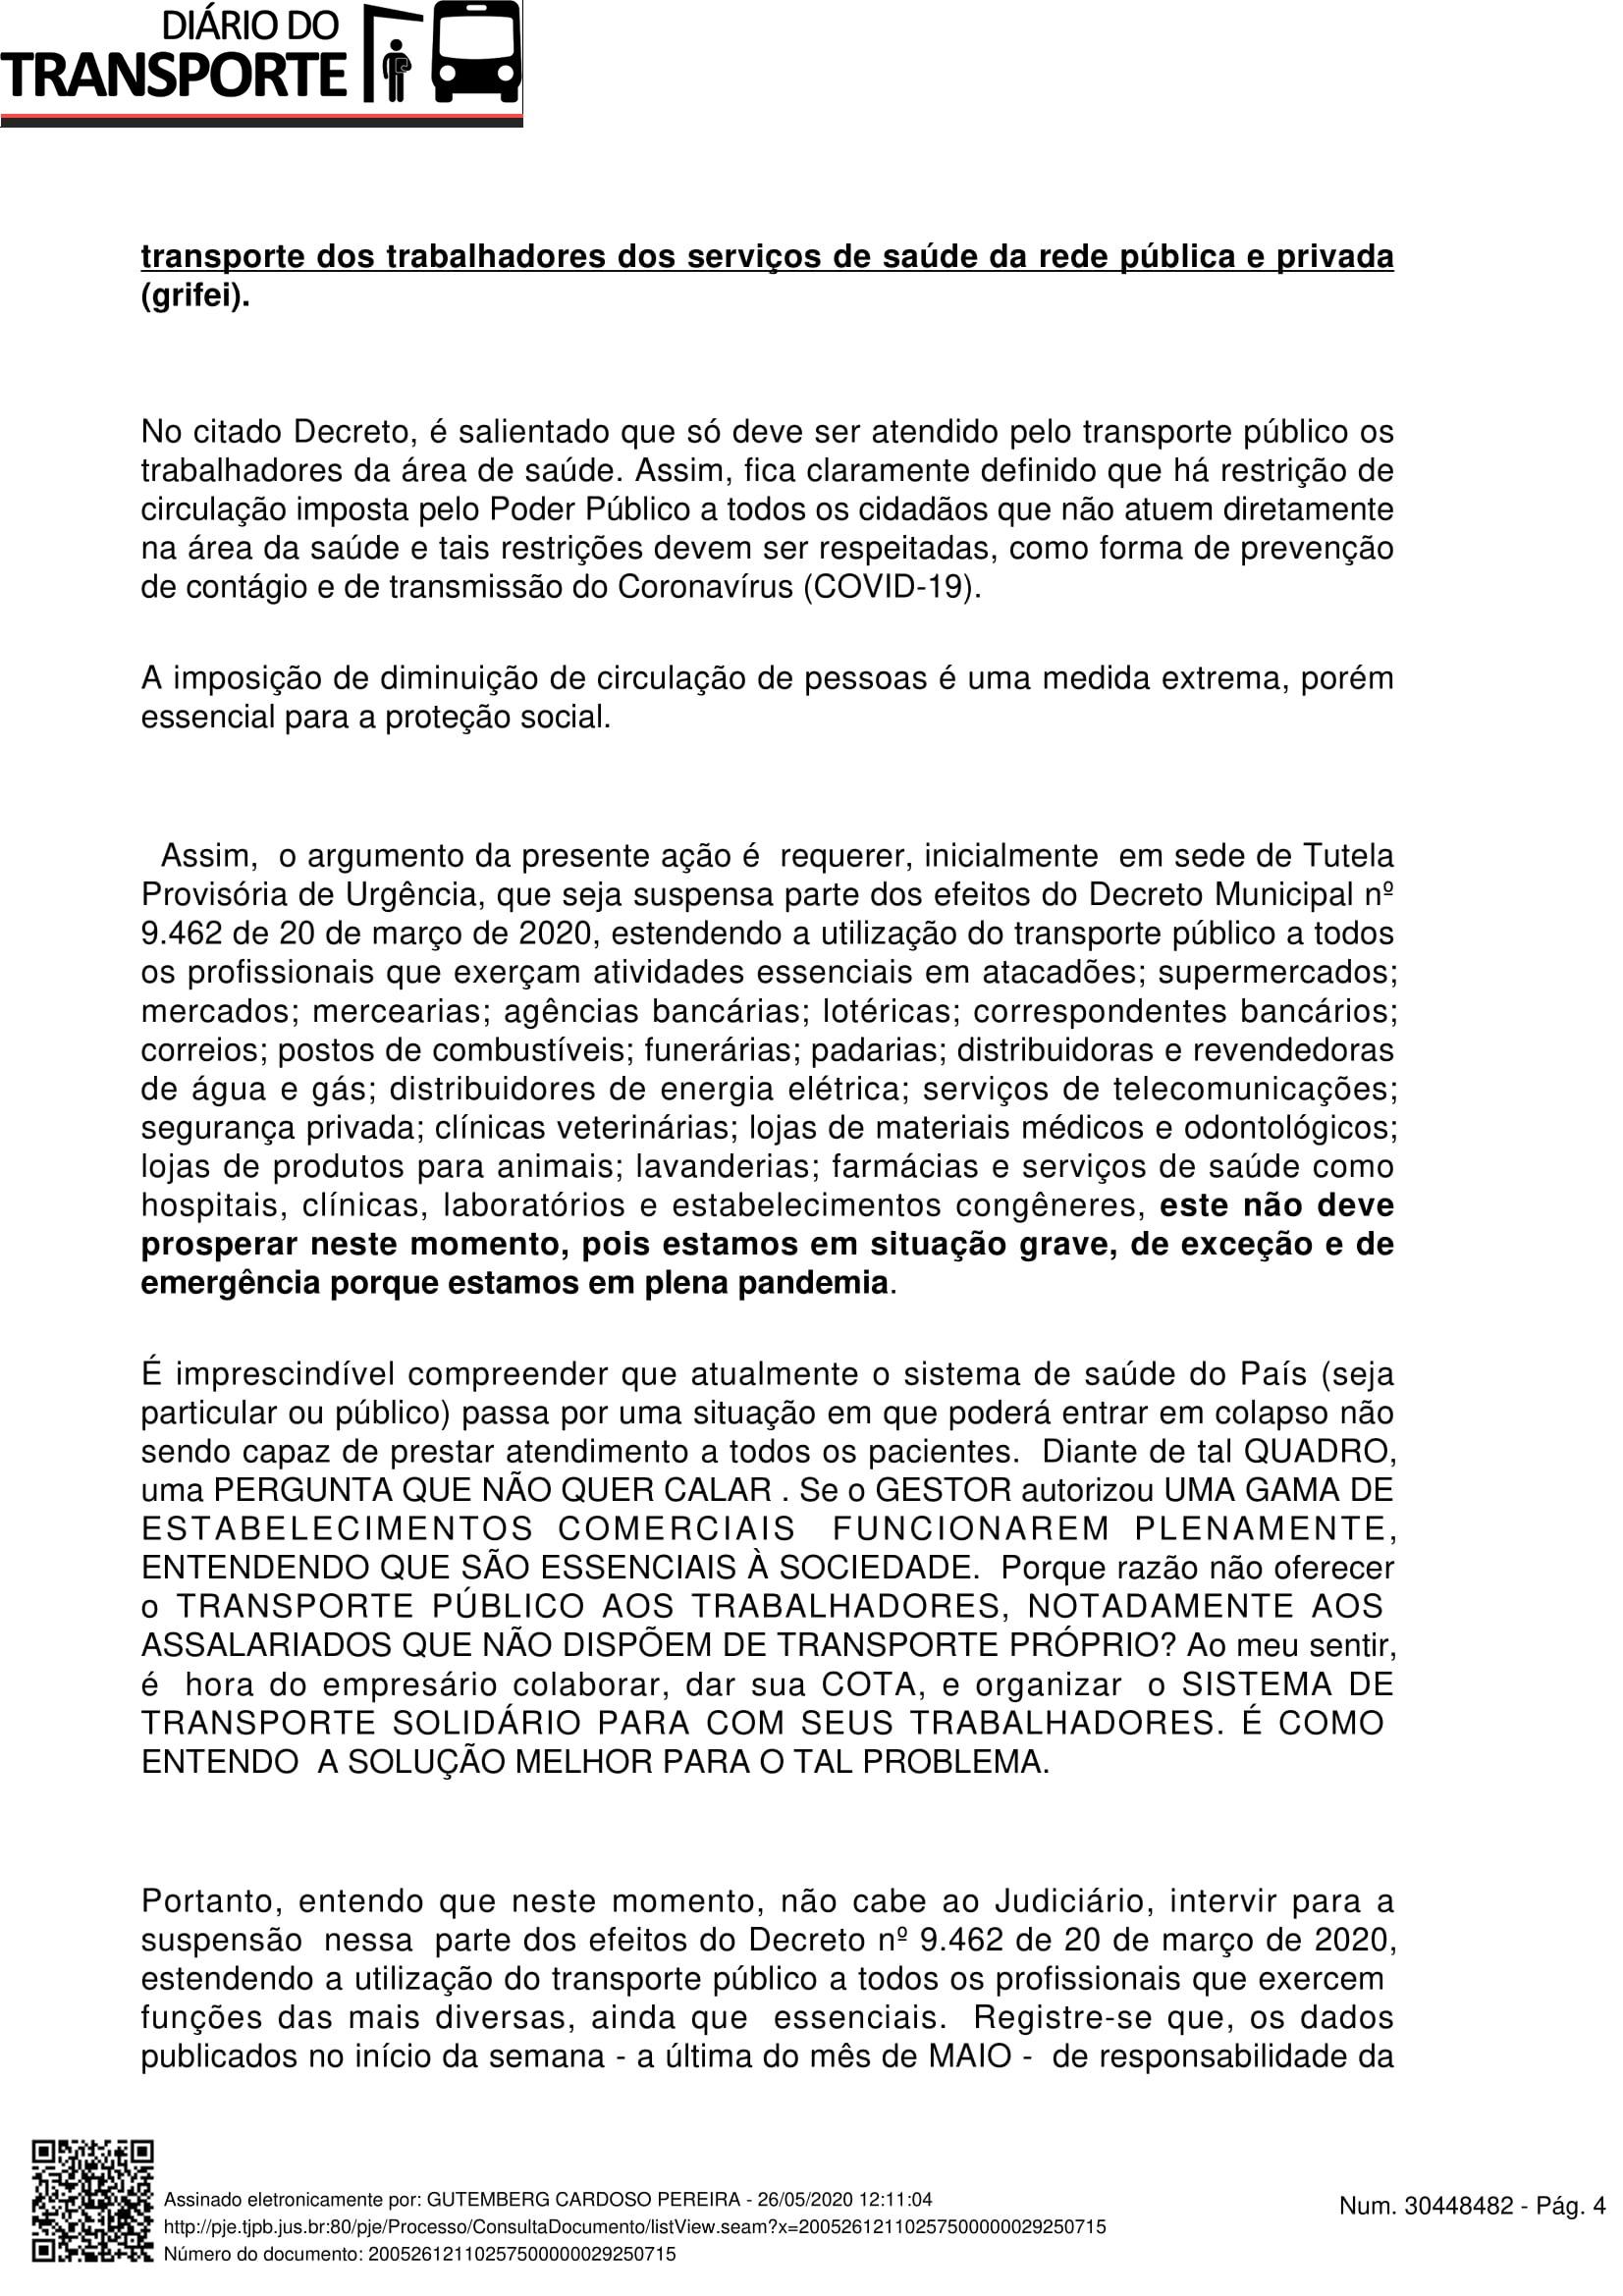 decisao_defensoria-4